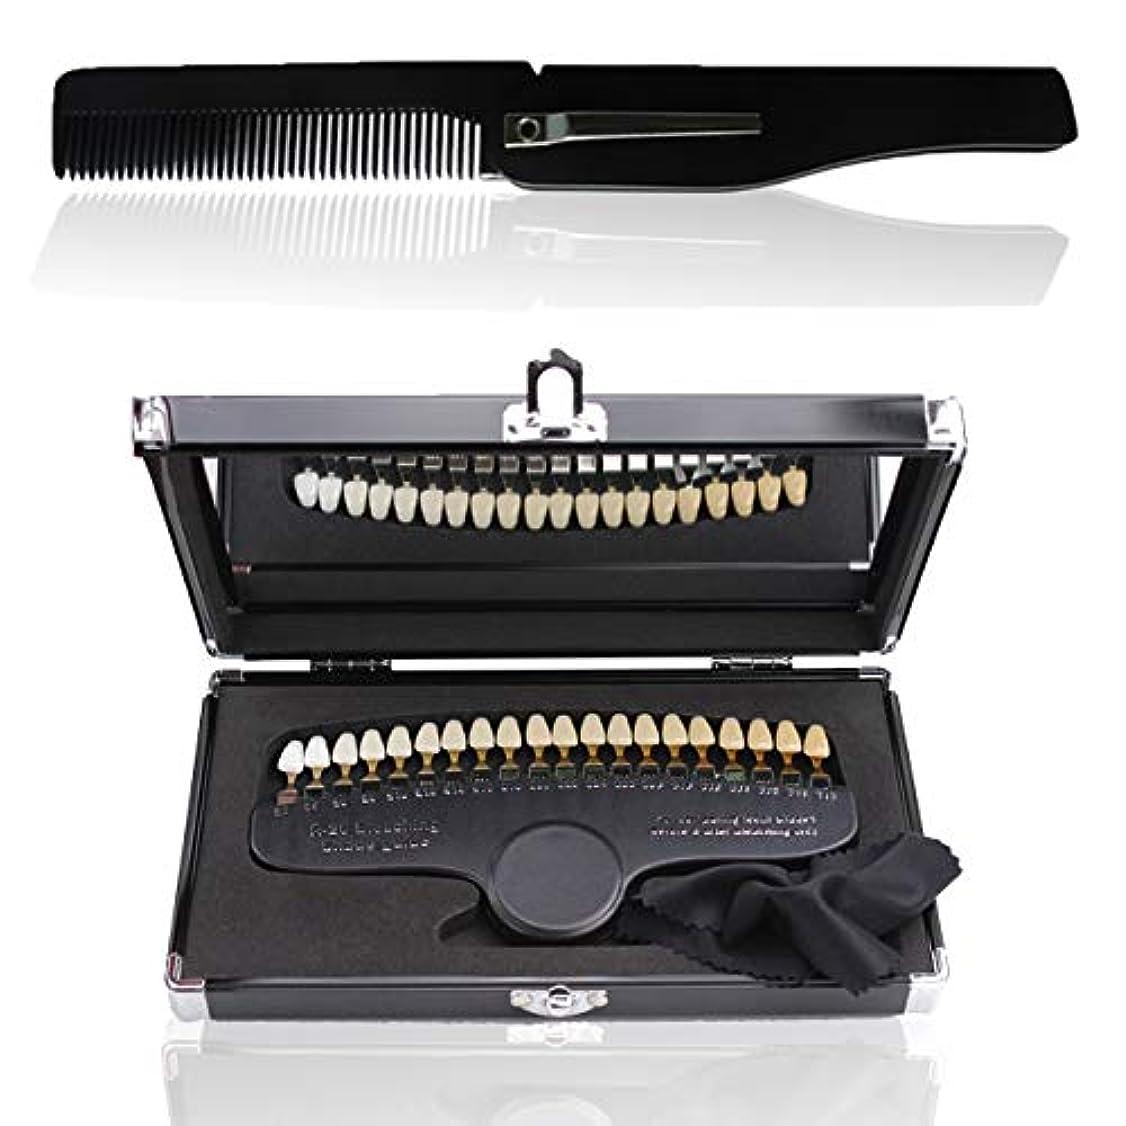 役割遮る内部フェリモア 歯 シェードガイド 色見本 歯列模型 段階的 櫛付き 鏡付き 収納ケース付き 20段階 (20段階)